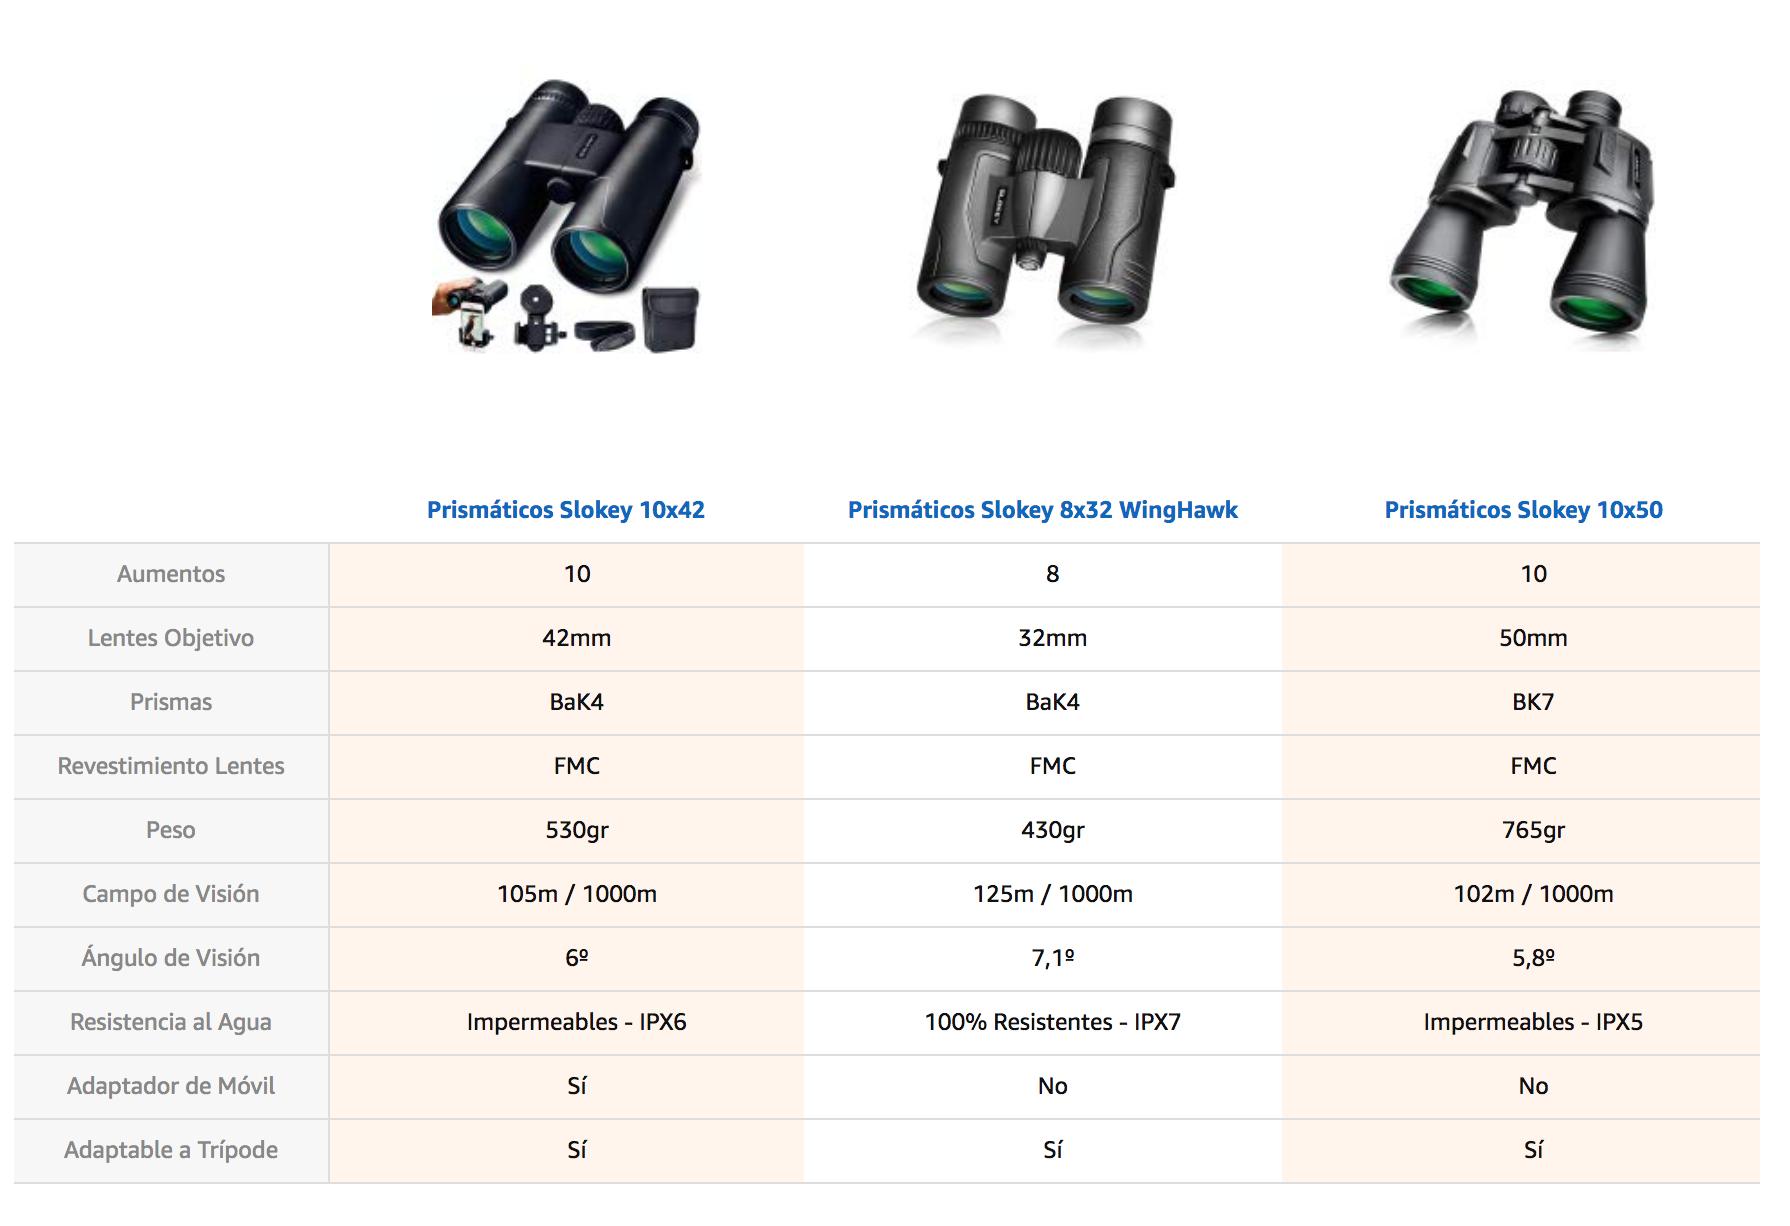 especificaciones de los tres modelos slokey